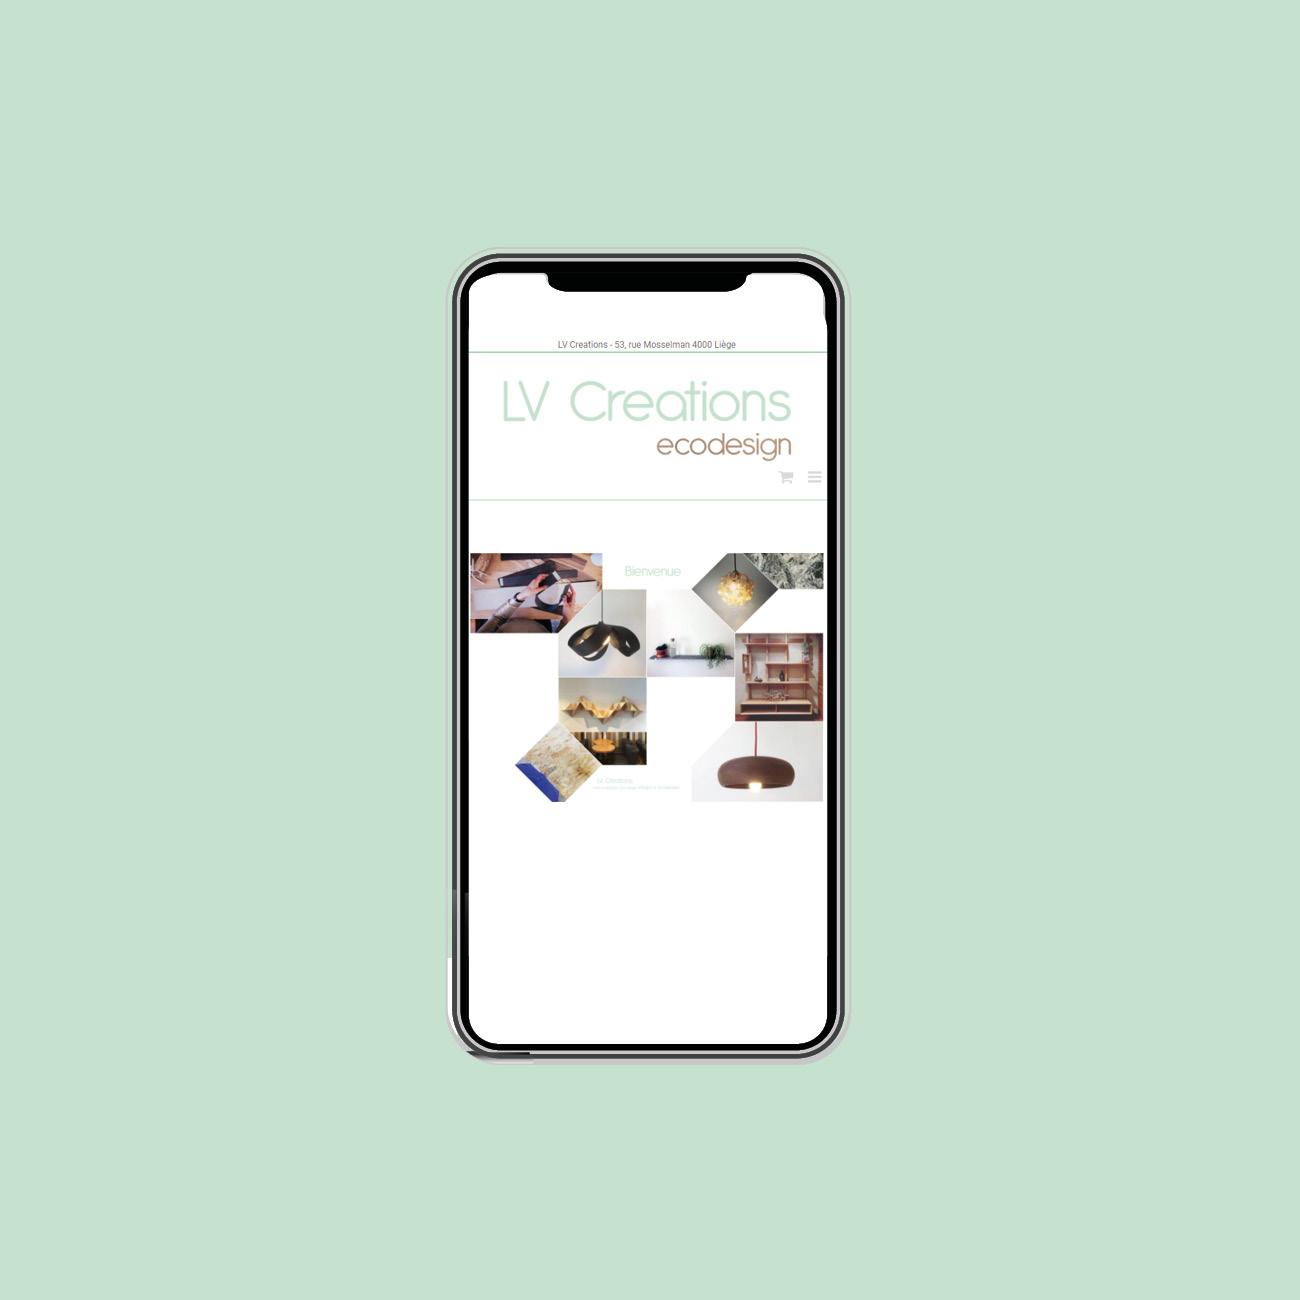 Miko Digital Agence web à Liège - Création e-commerce de LV Creations